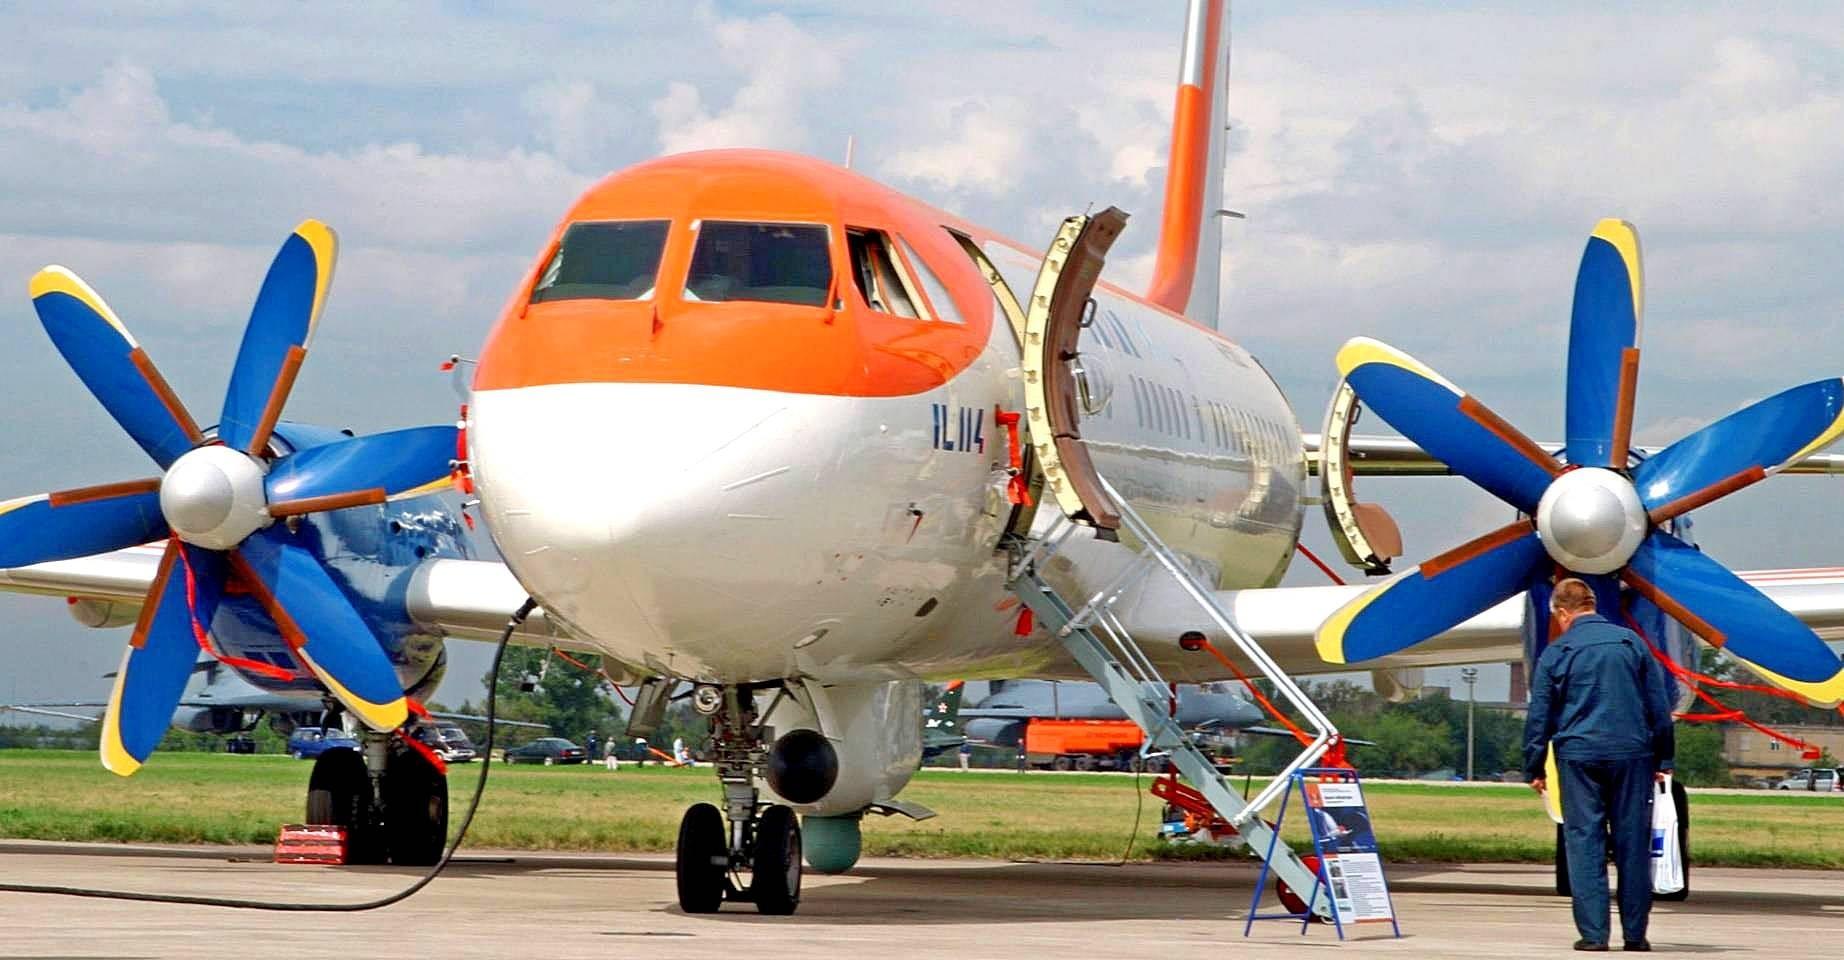 1-ый навсе 100% русский Ил-114 поднимется ввоздух в 2019-ом году